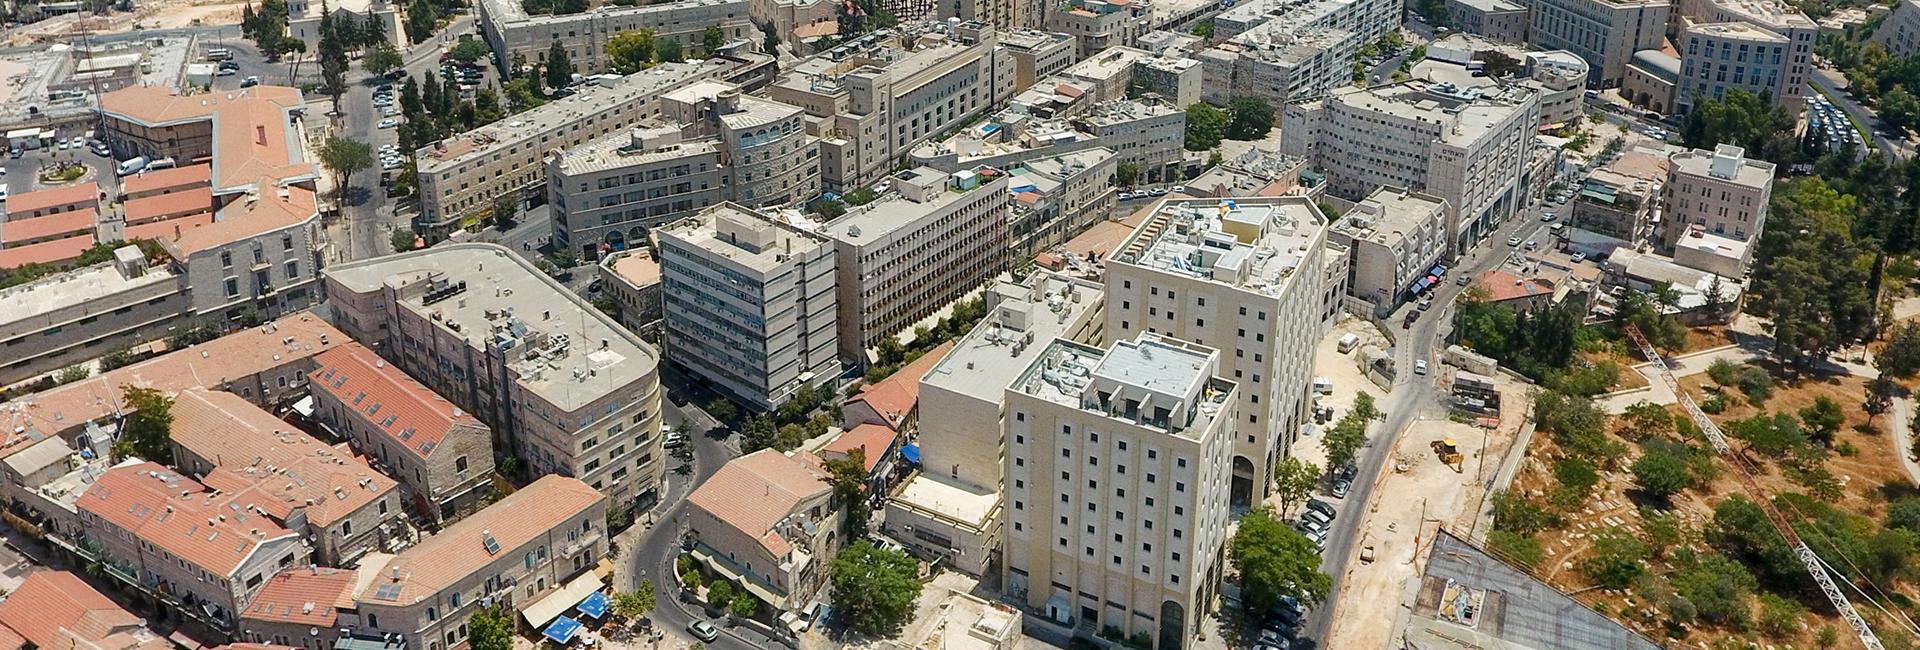 על הקשר בין עיר שאוכלוסייתה מזדקנת ומערכות שליטה ובקרה